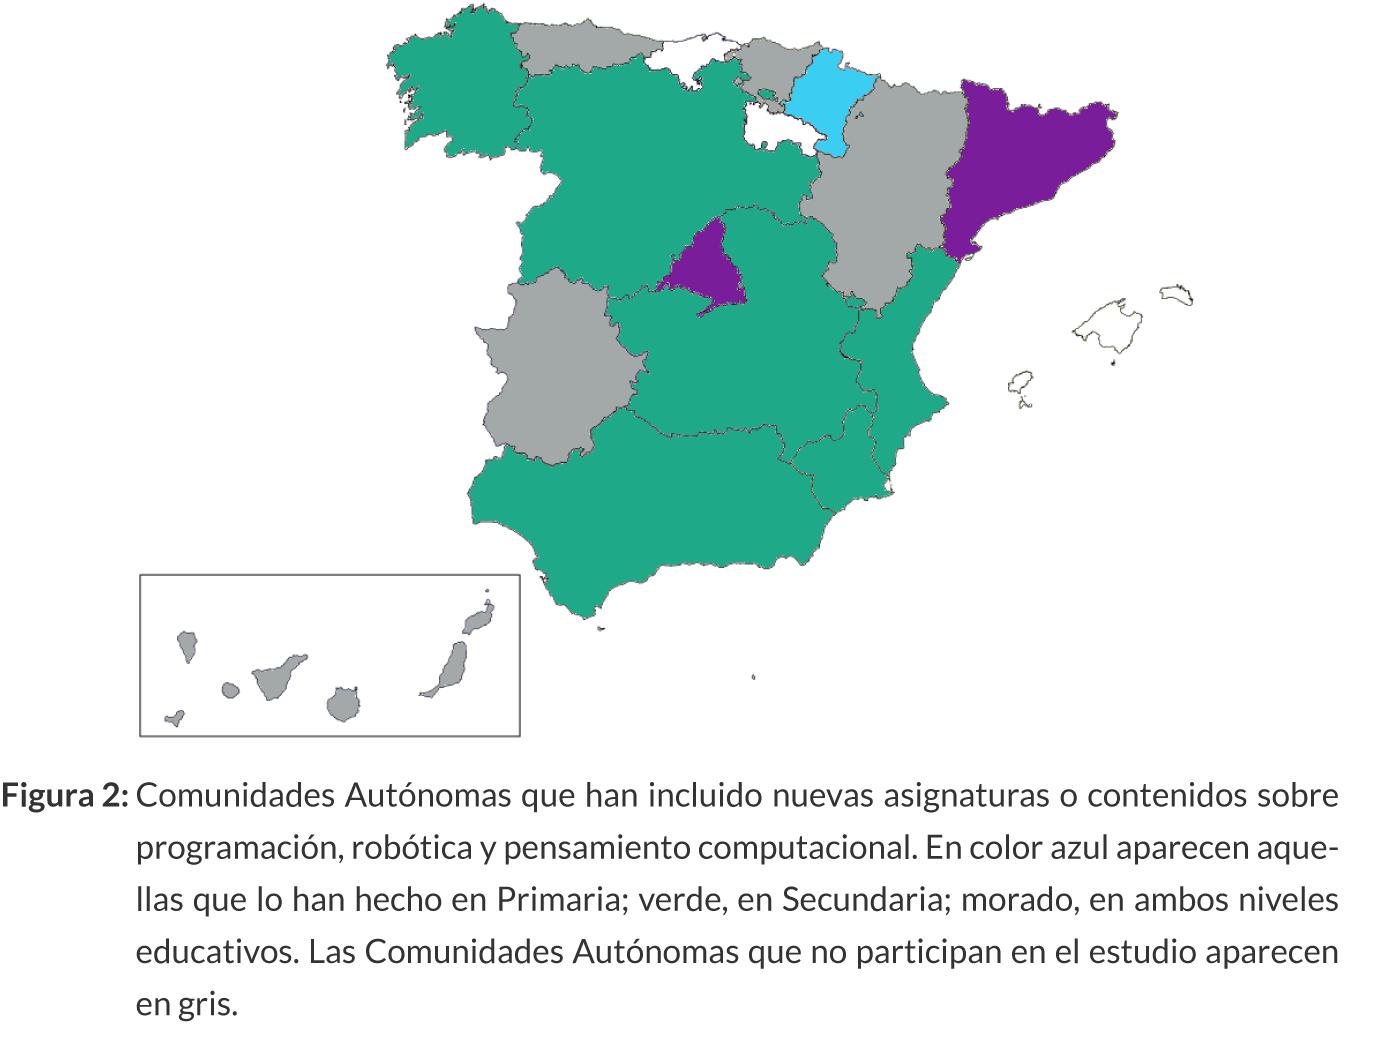 comunidades autónomas con asignaturas de robótica y computación